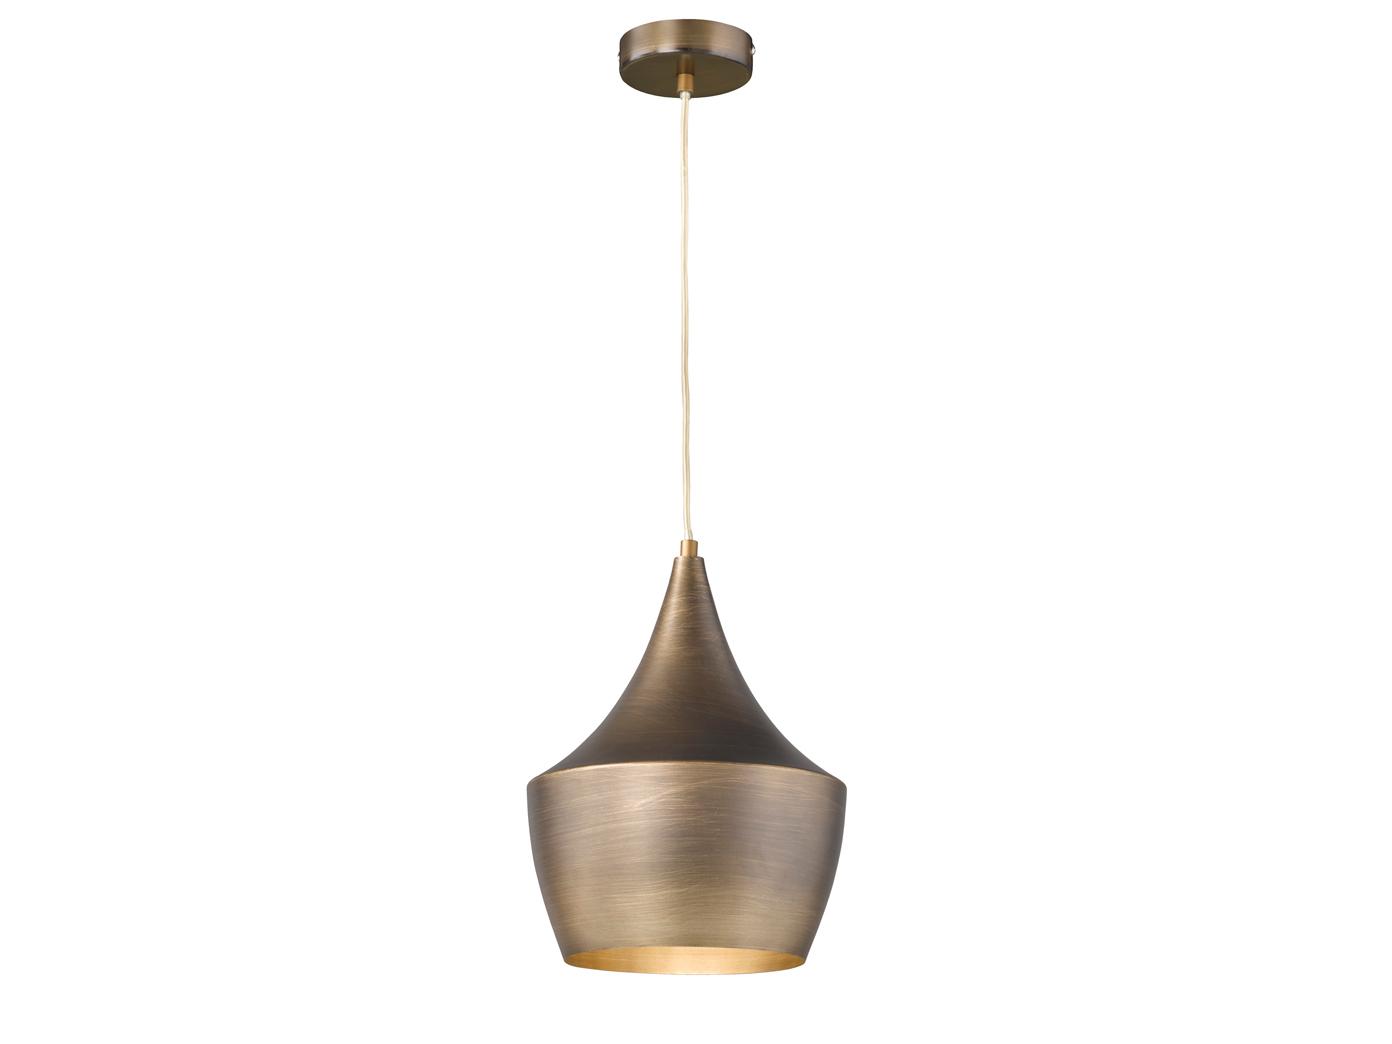 Design Retro Pendelleuchte mit Metall Schirm in Braun Ø 25cm E27 Esstischlampe